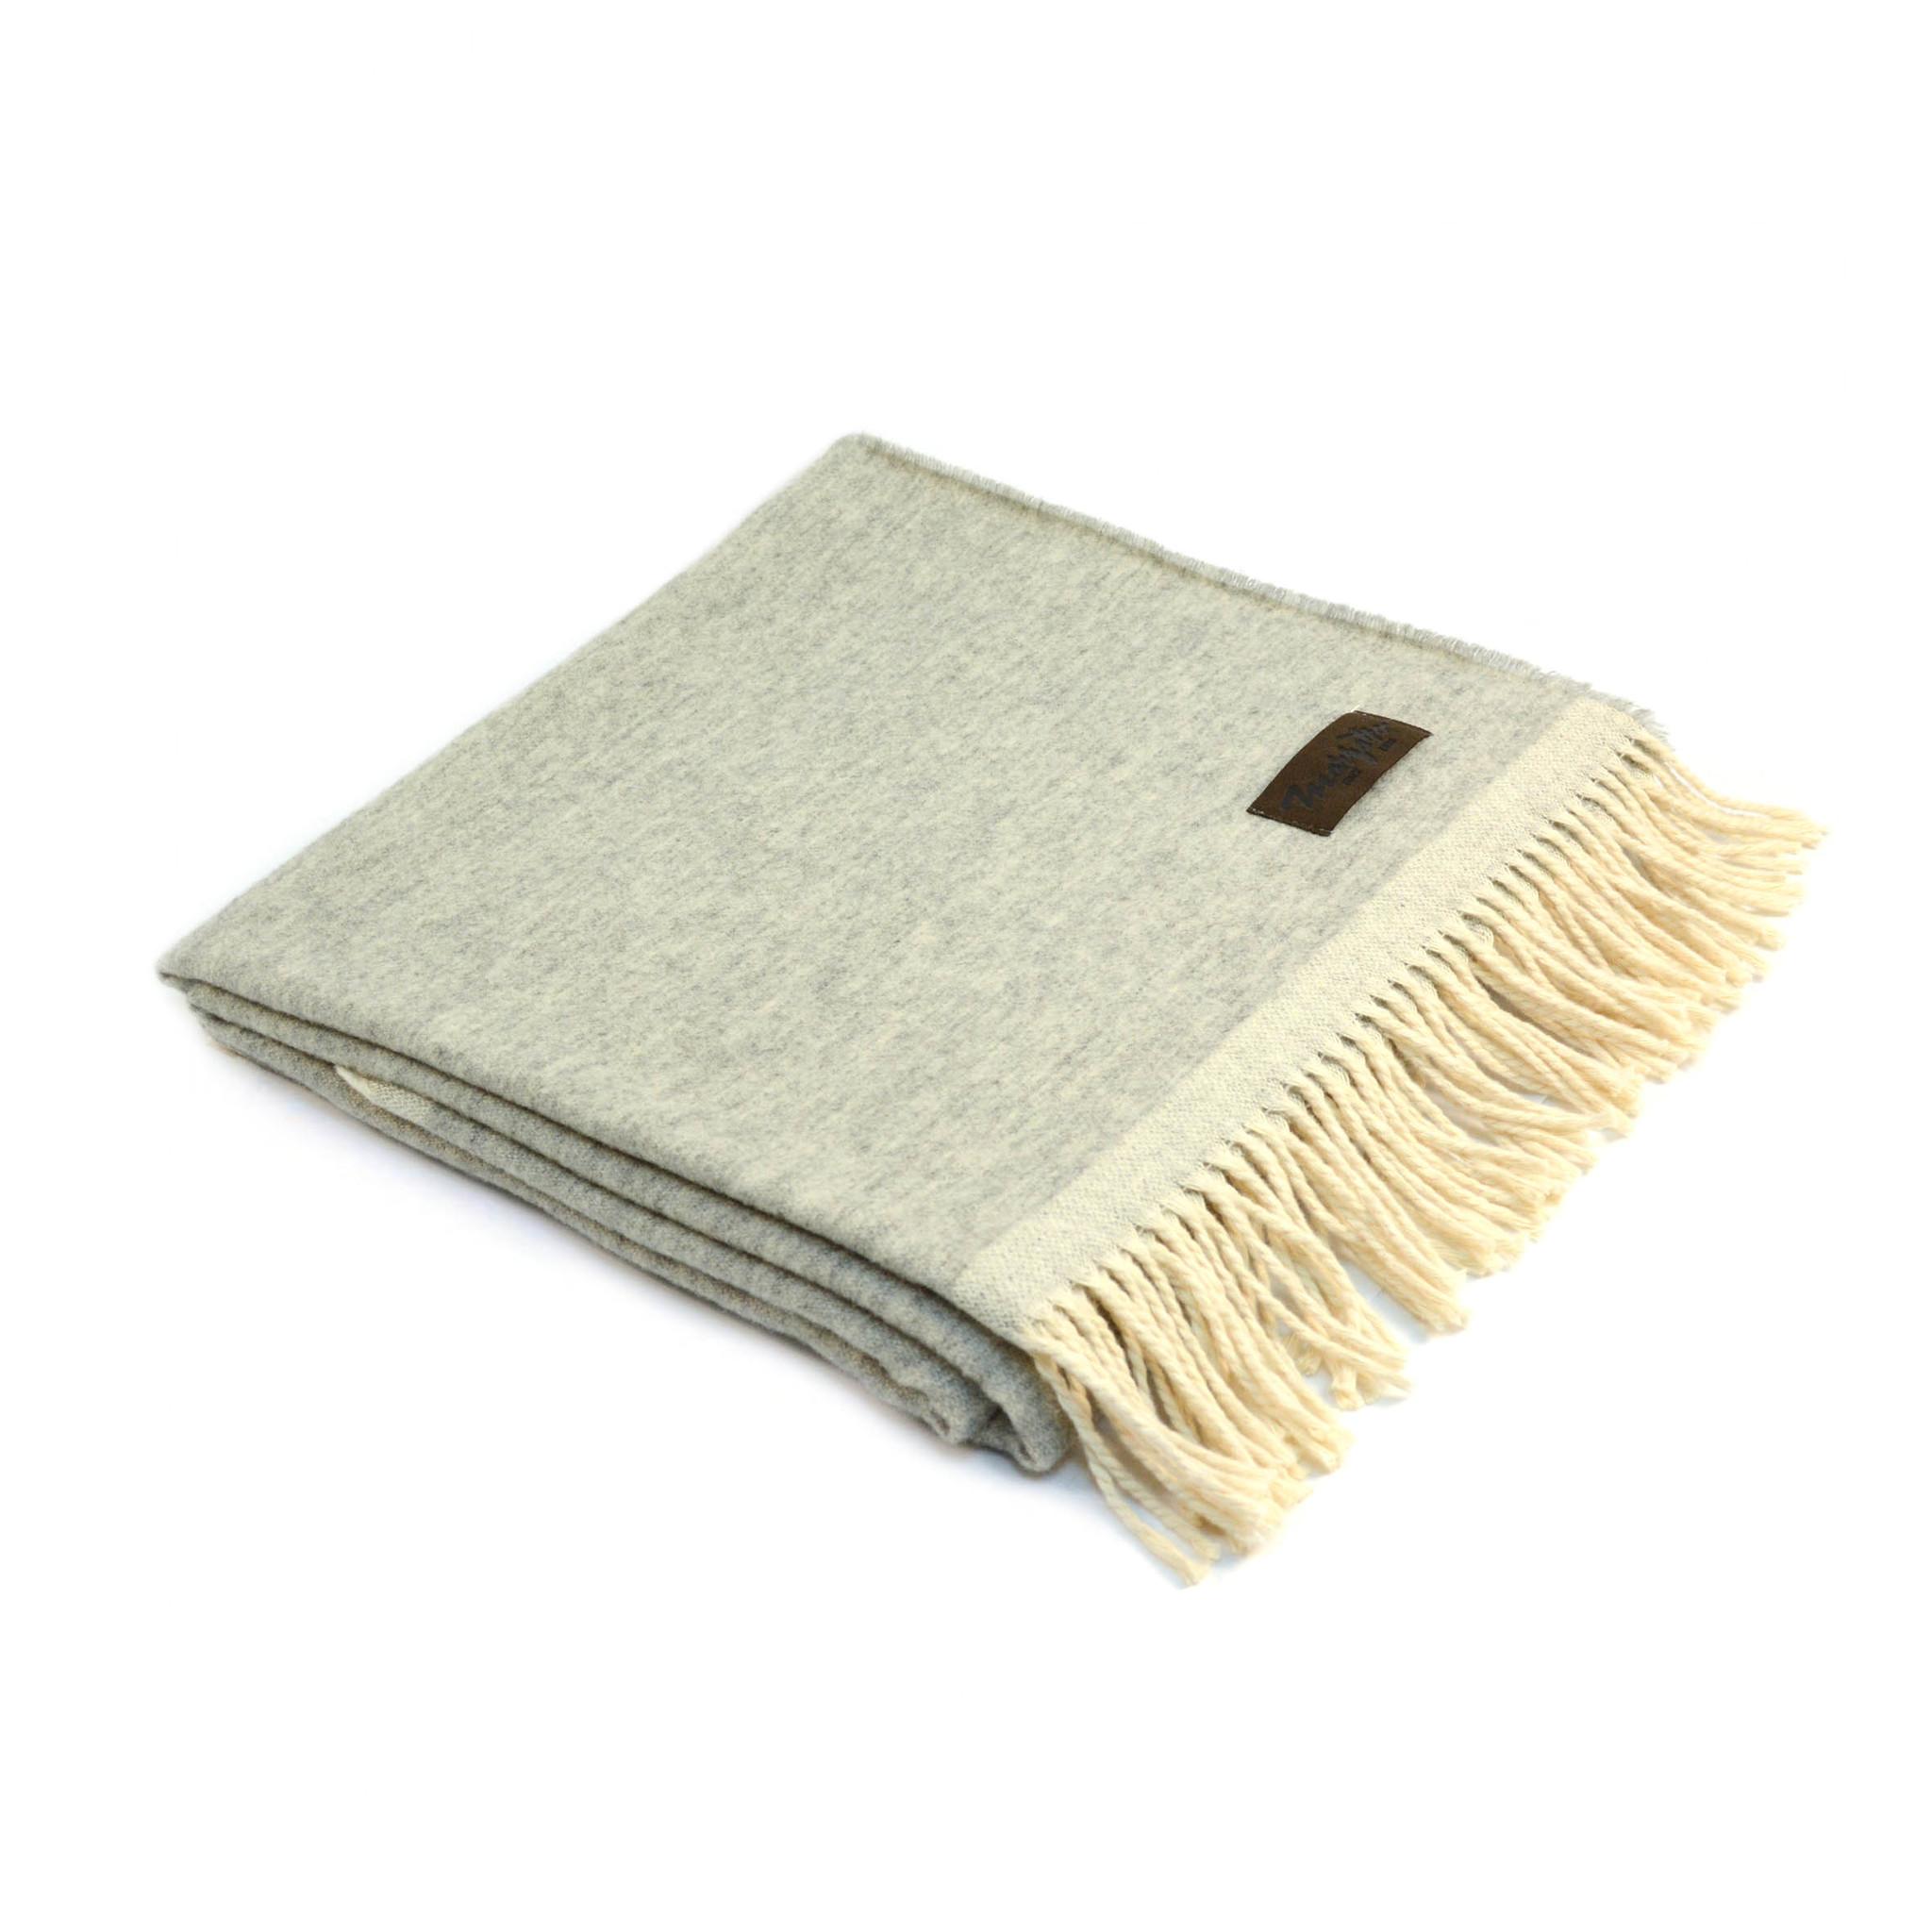 Плед MorfeoШерстяные пледы<br>Мягкий и стильный двусторонний плед, произведённый из материалов превосходного качества, несомненно, станет отличной покупкой для себя или в подарок.<br><br>Material: Шерсть<br>Ширина см: 130.0<br>Высота см: 0.3<br>Глубина см: 180.0